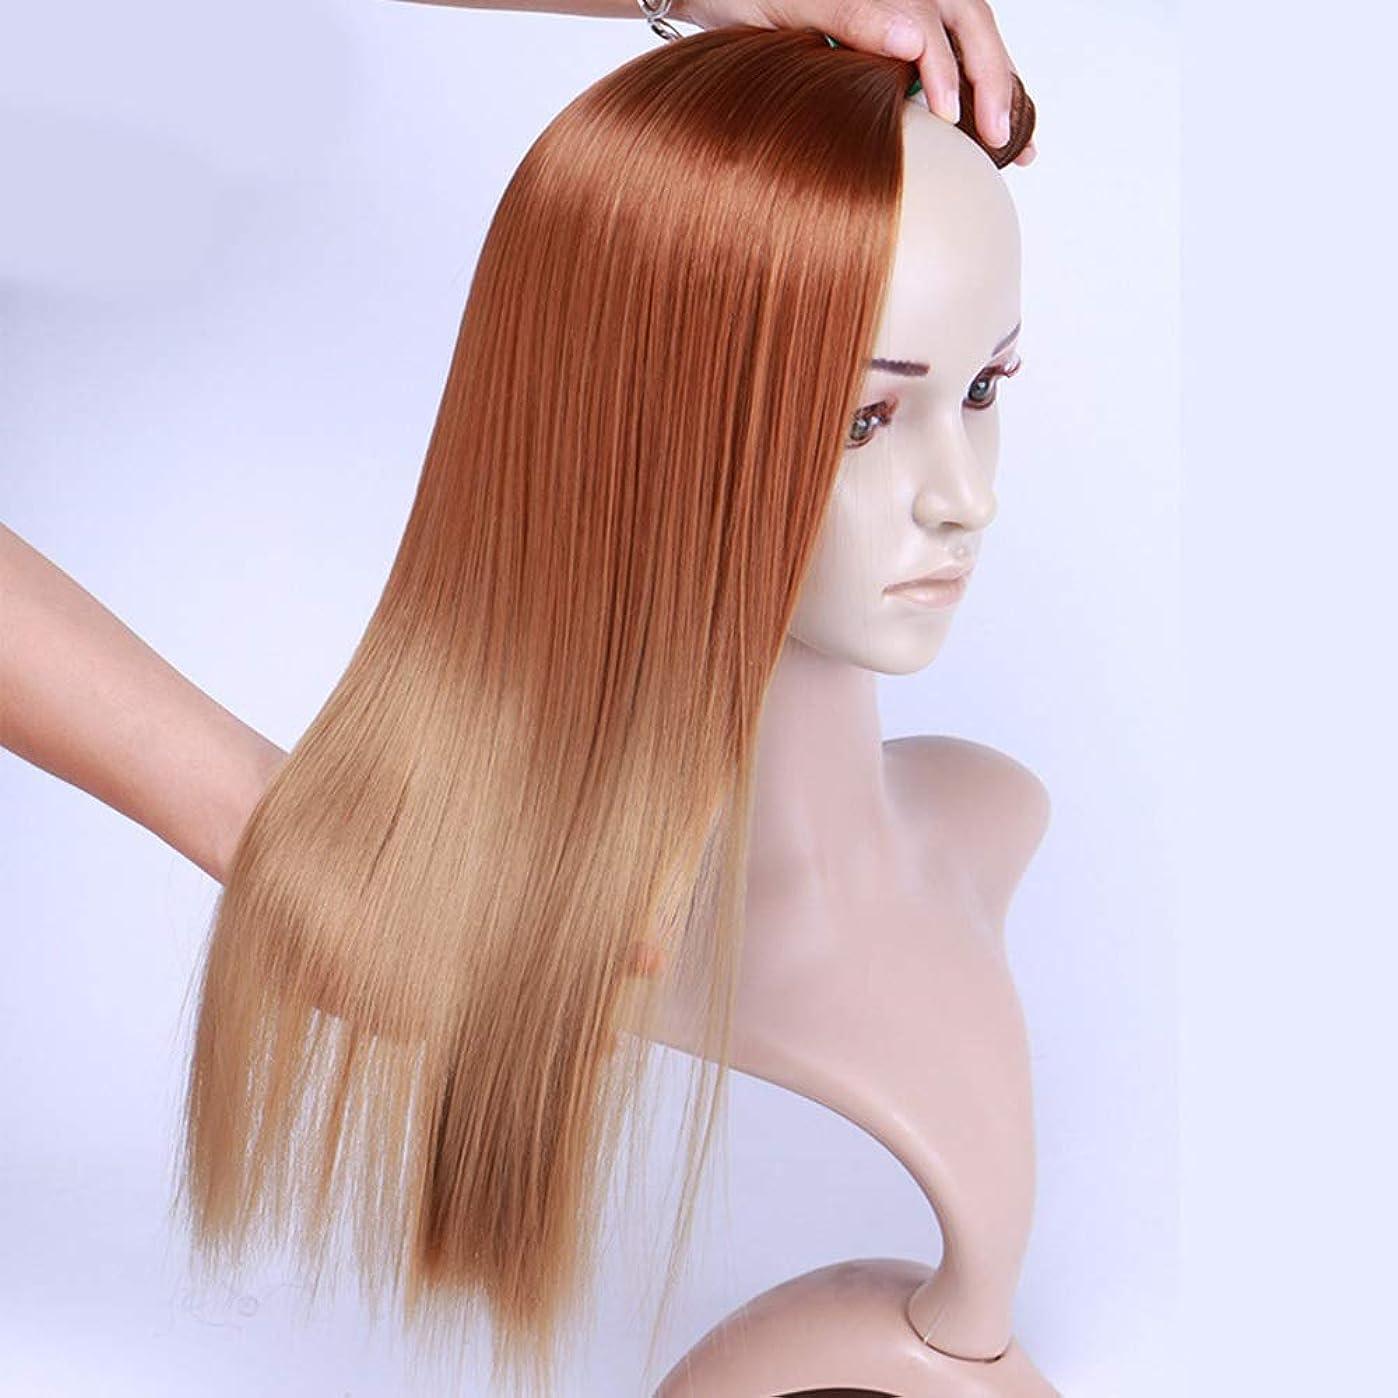 精査放棄重くするYrattary 絹のようなストレートの髪織り3バンドルヘアエクステンション - 女性のための茶色がかった黄色の人工毛レースのかつらロールプレイングウィッグロングとショートの女性自然 (色 : Brownish yellow, サイズ : 16